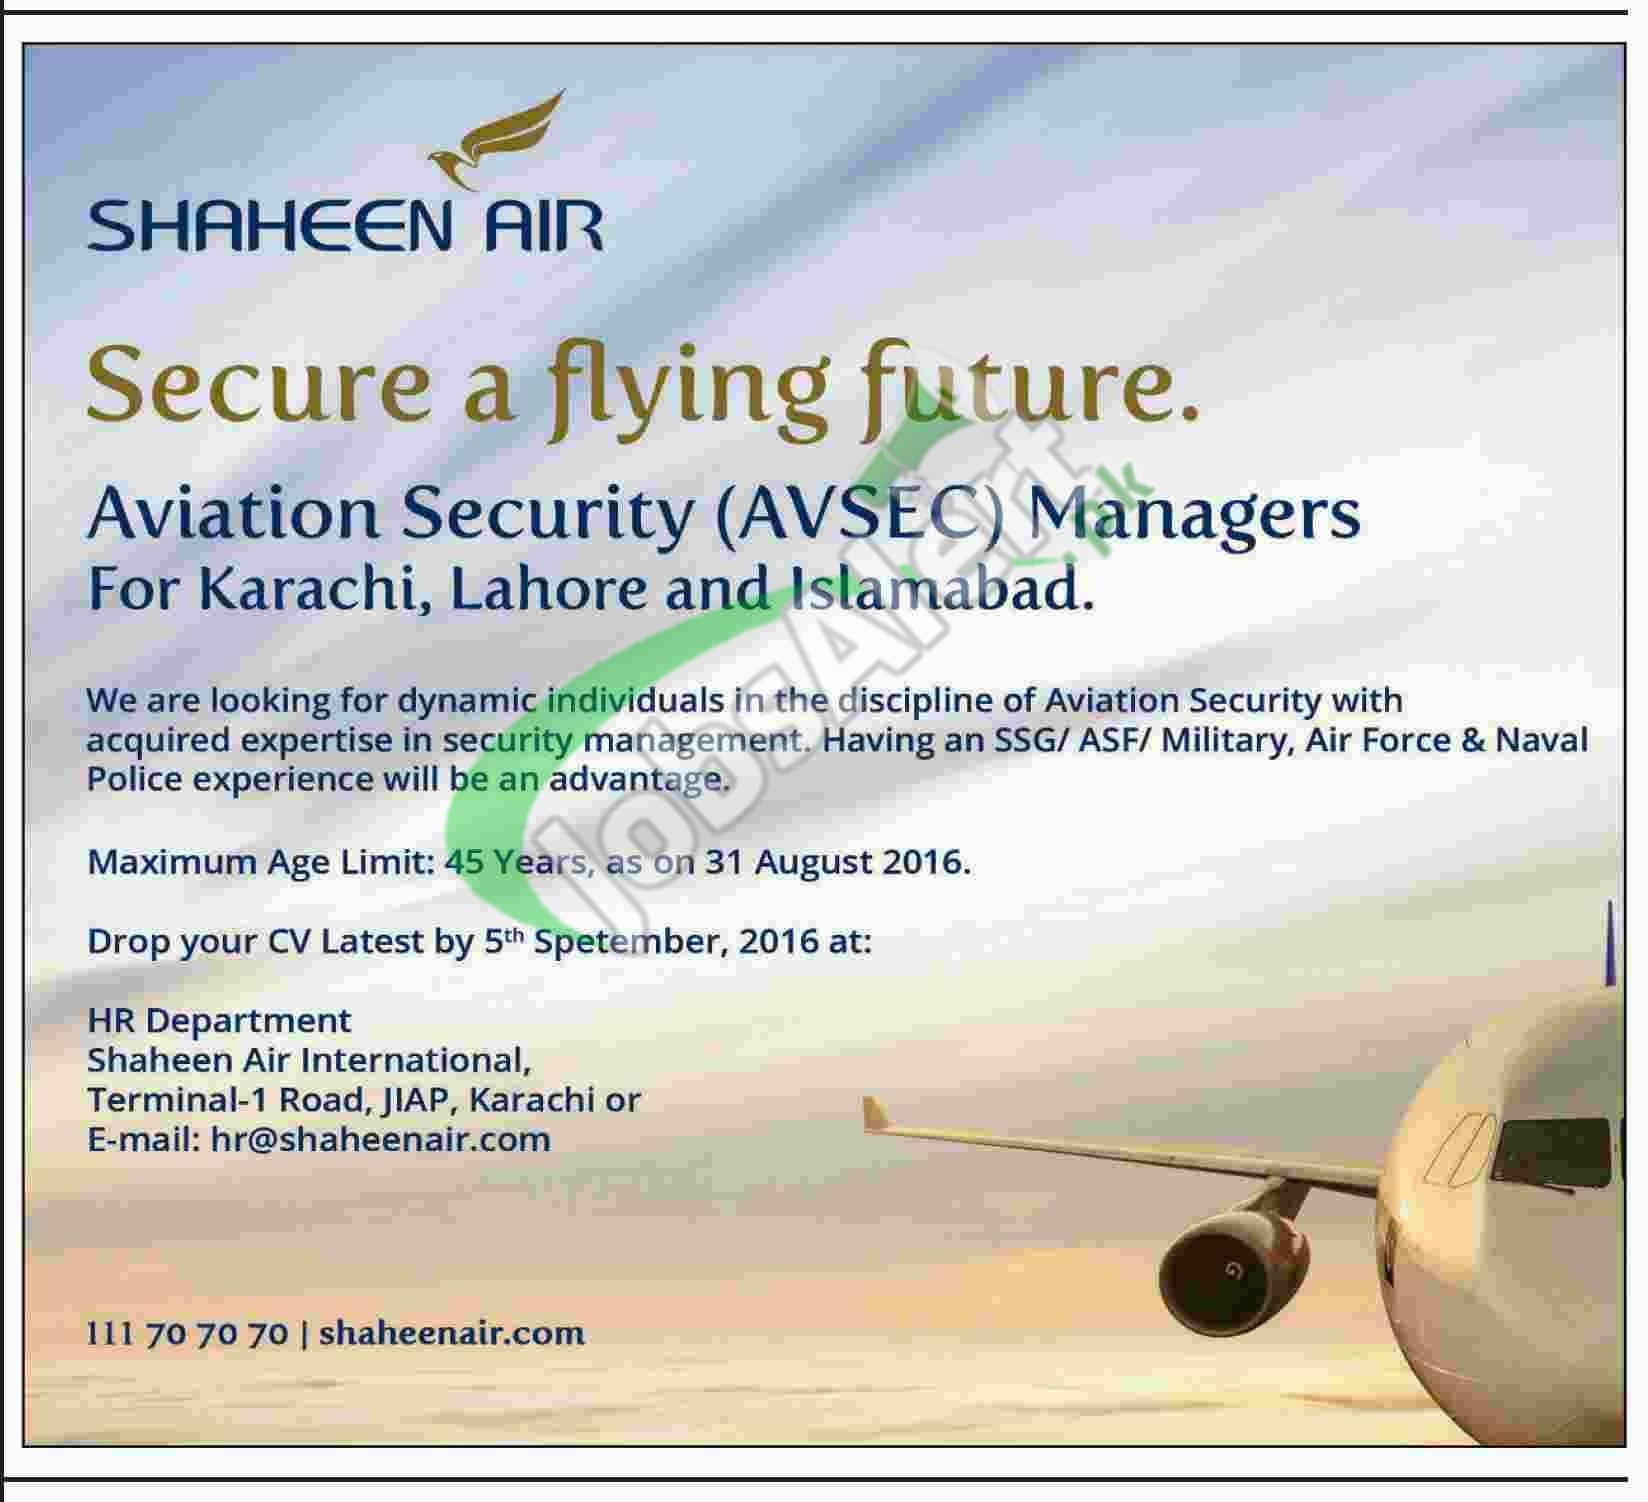 Shaheen Airline Jobs